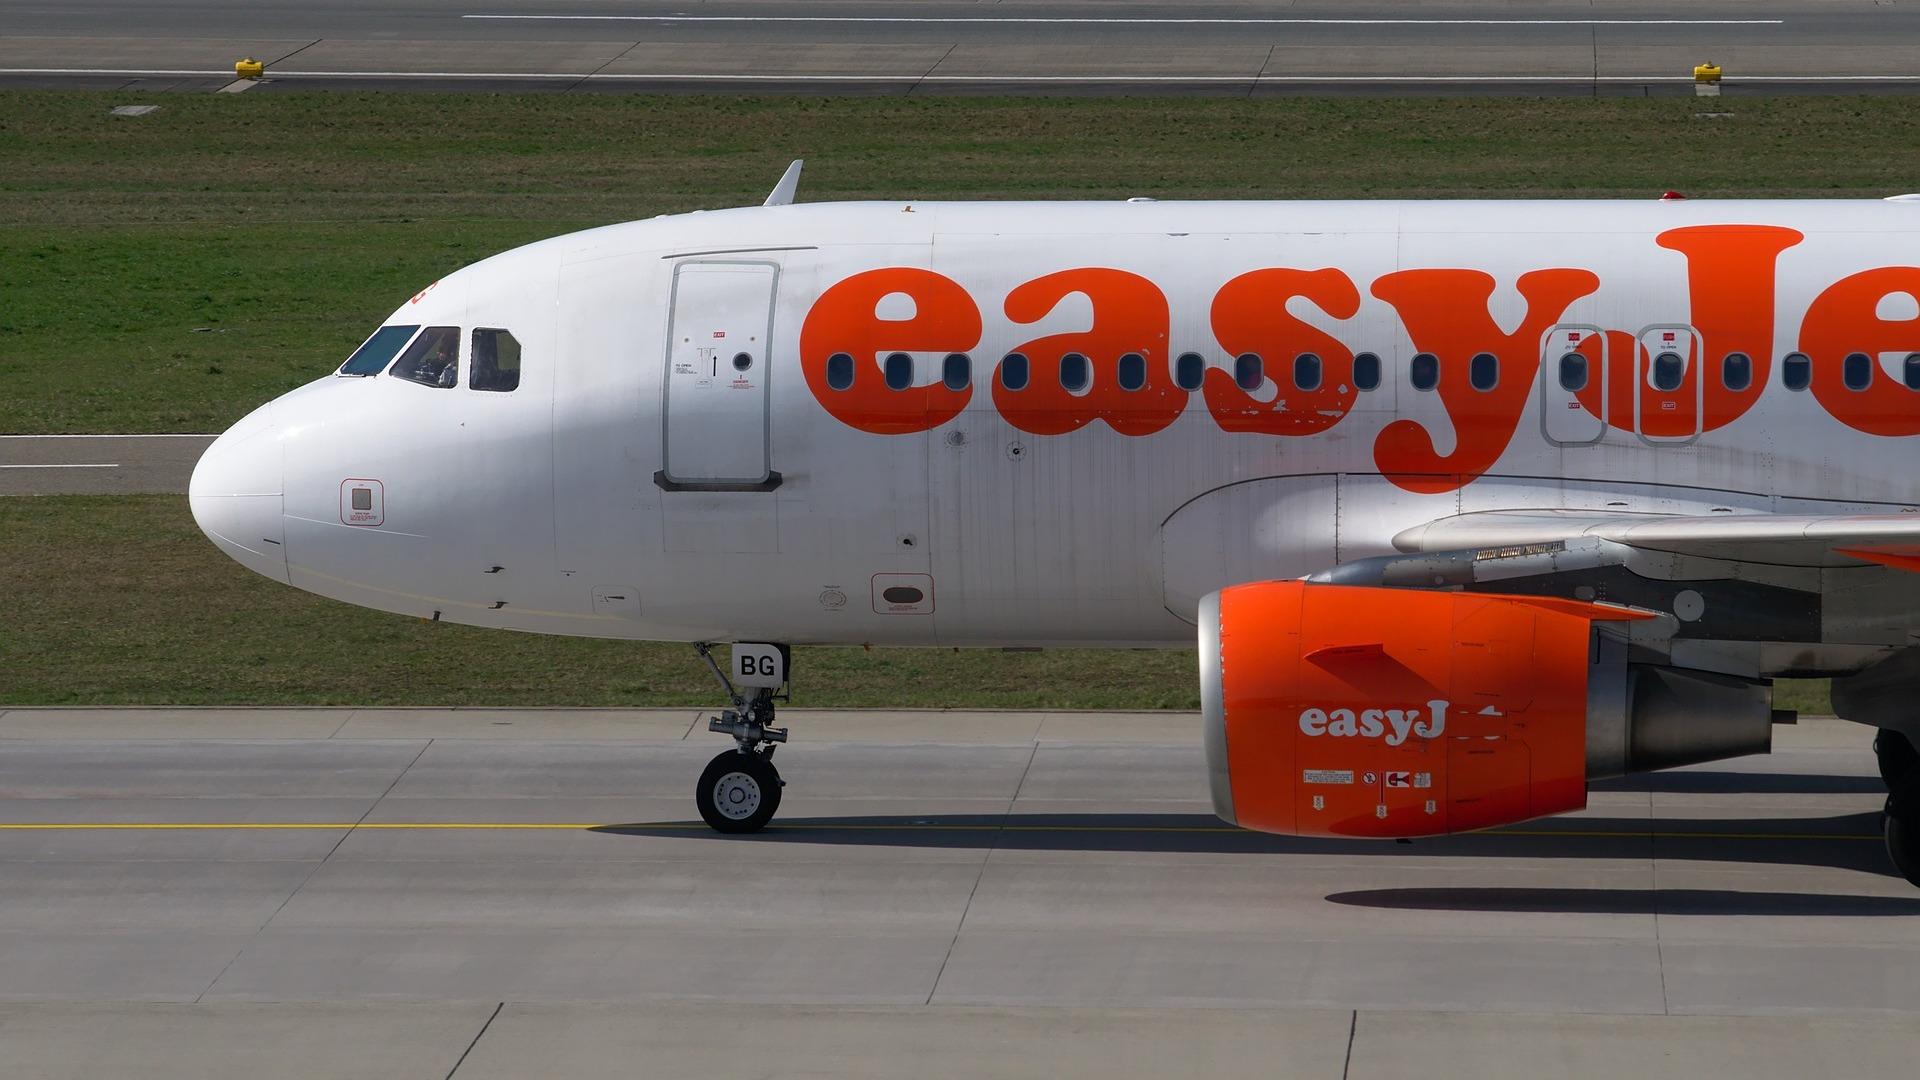 EasyJet a mis plus de 2 mois à réparer la fuite de données touchant 9 millions de clients